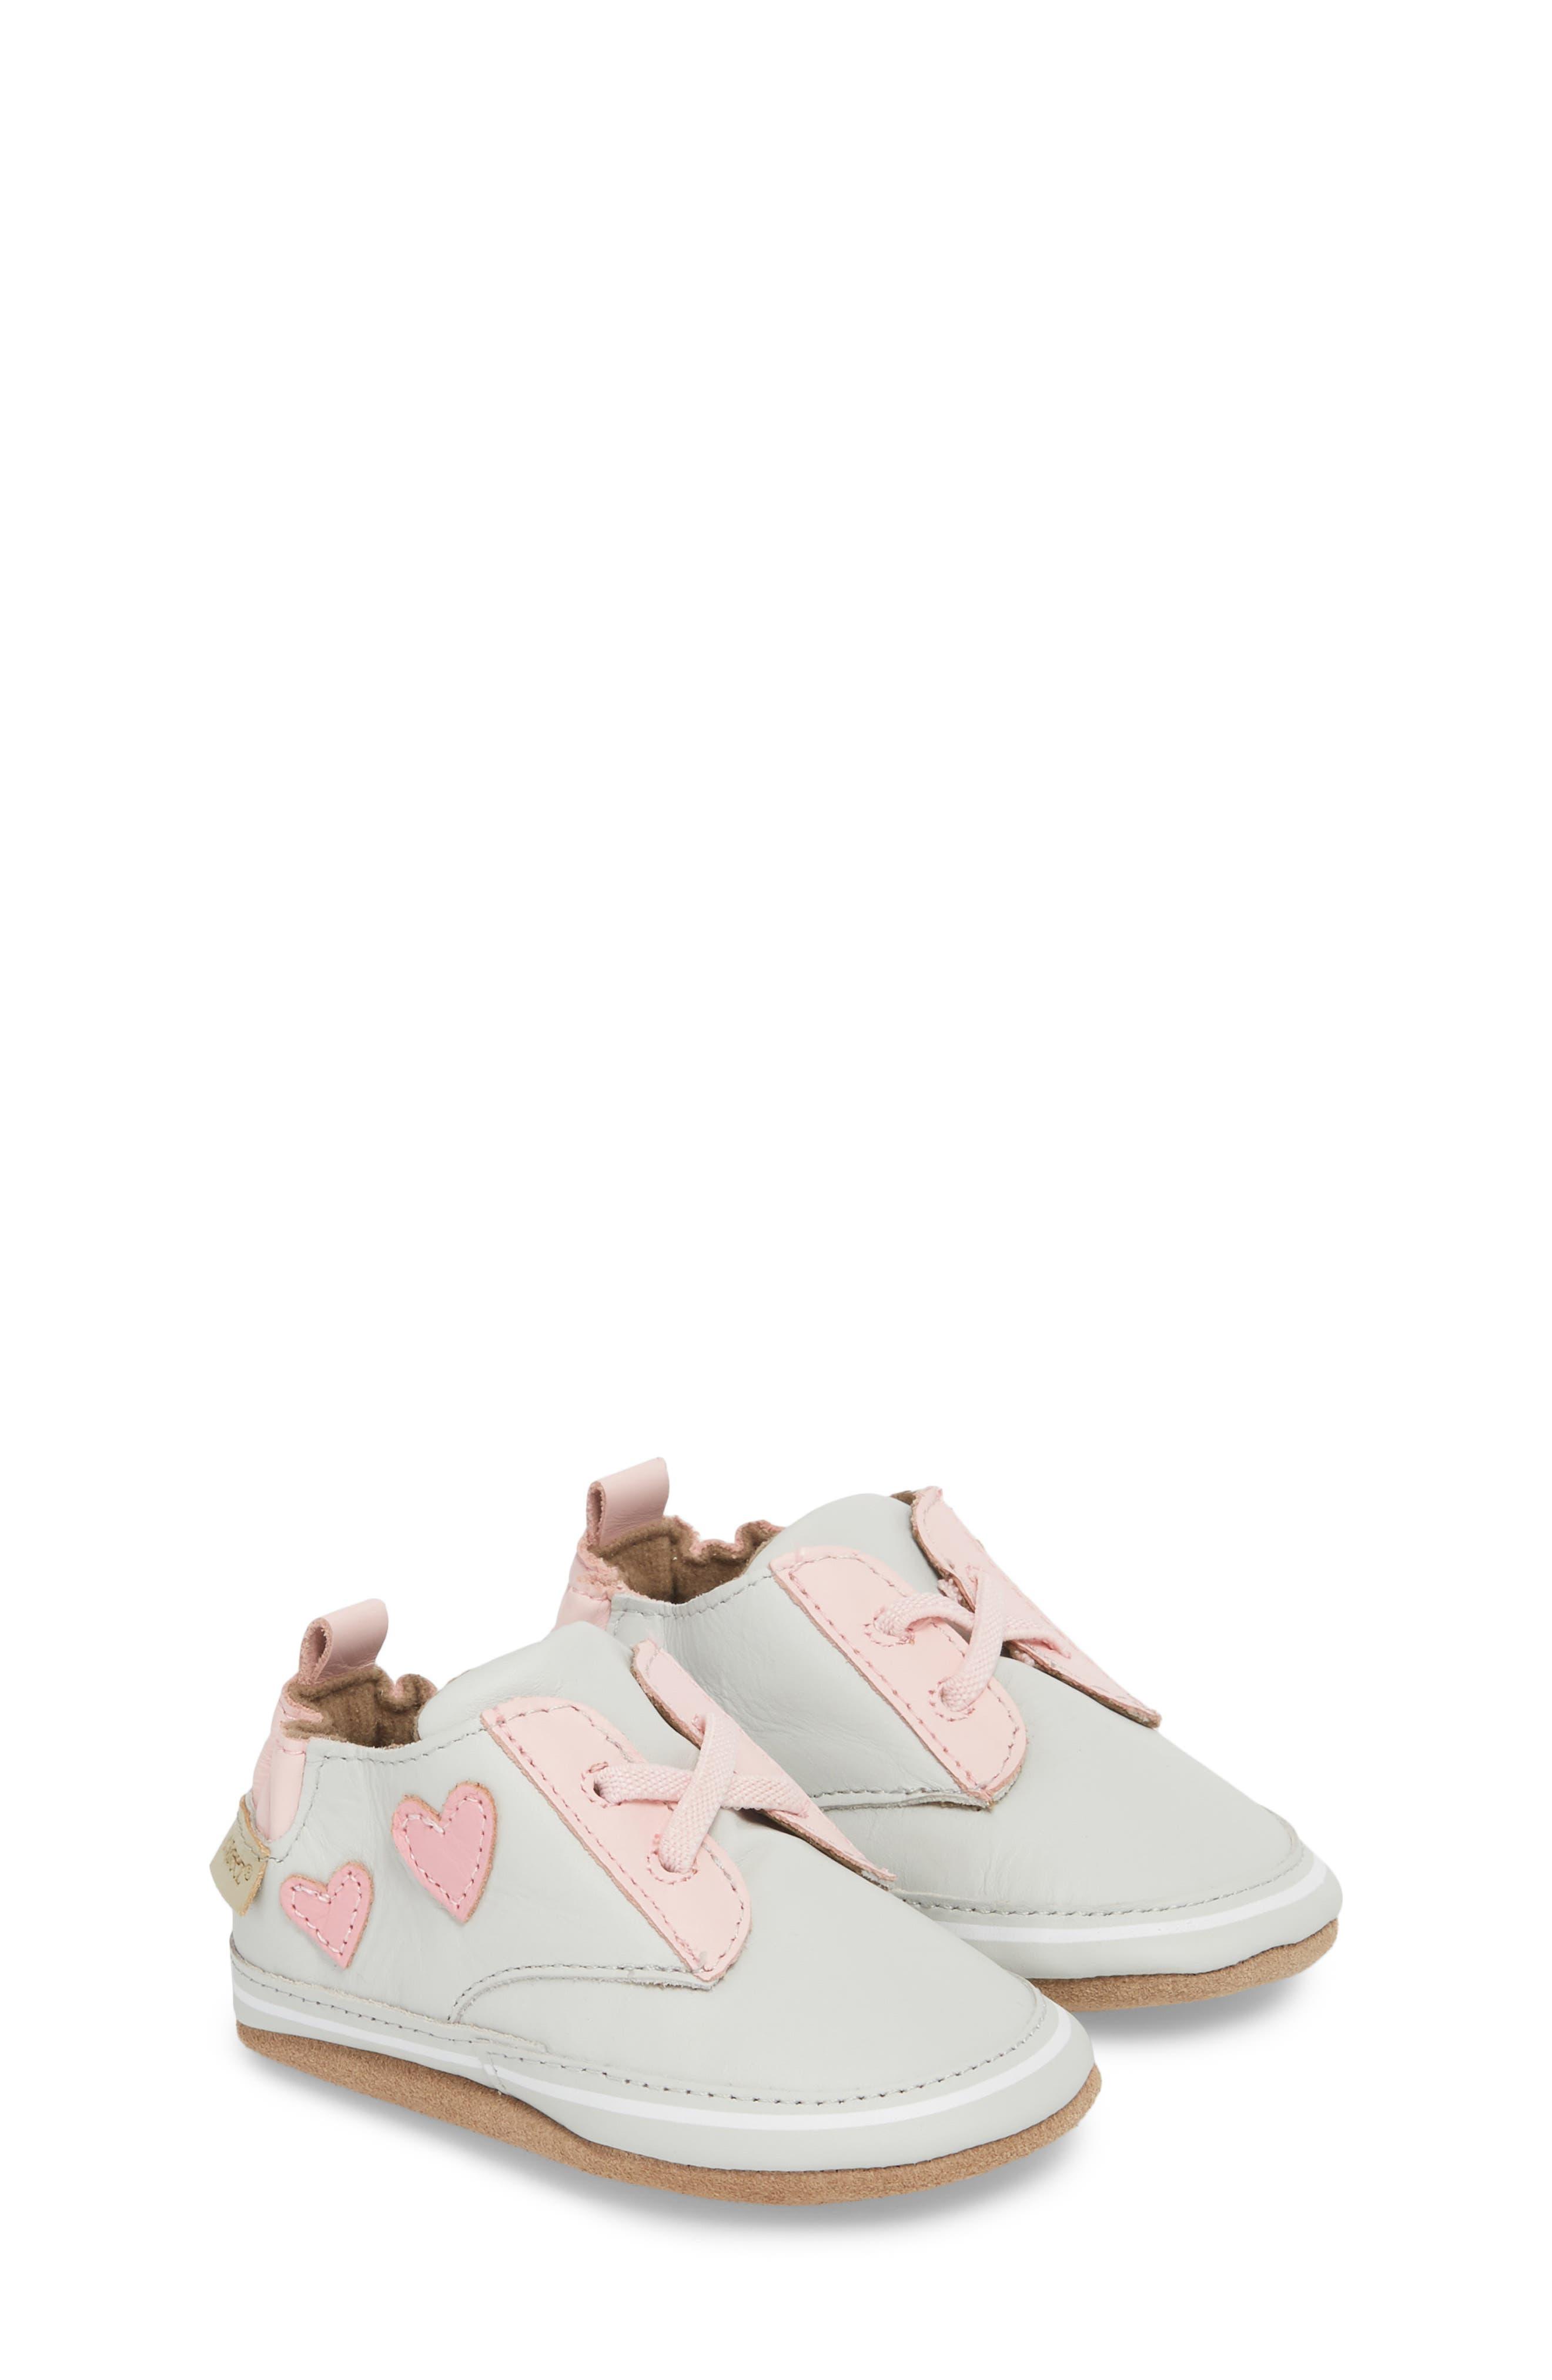 Heartbreaker Slip-On Crib Sneaker,                             Alternate thumbnail 3, color,                             Light Grey